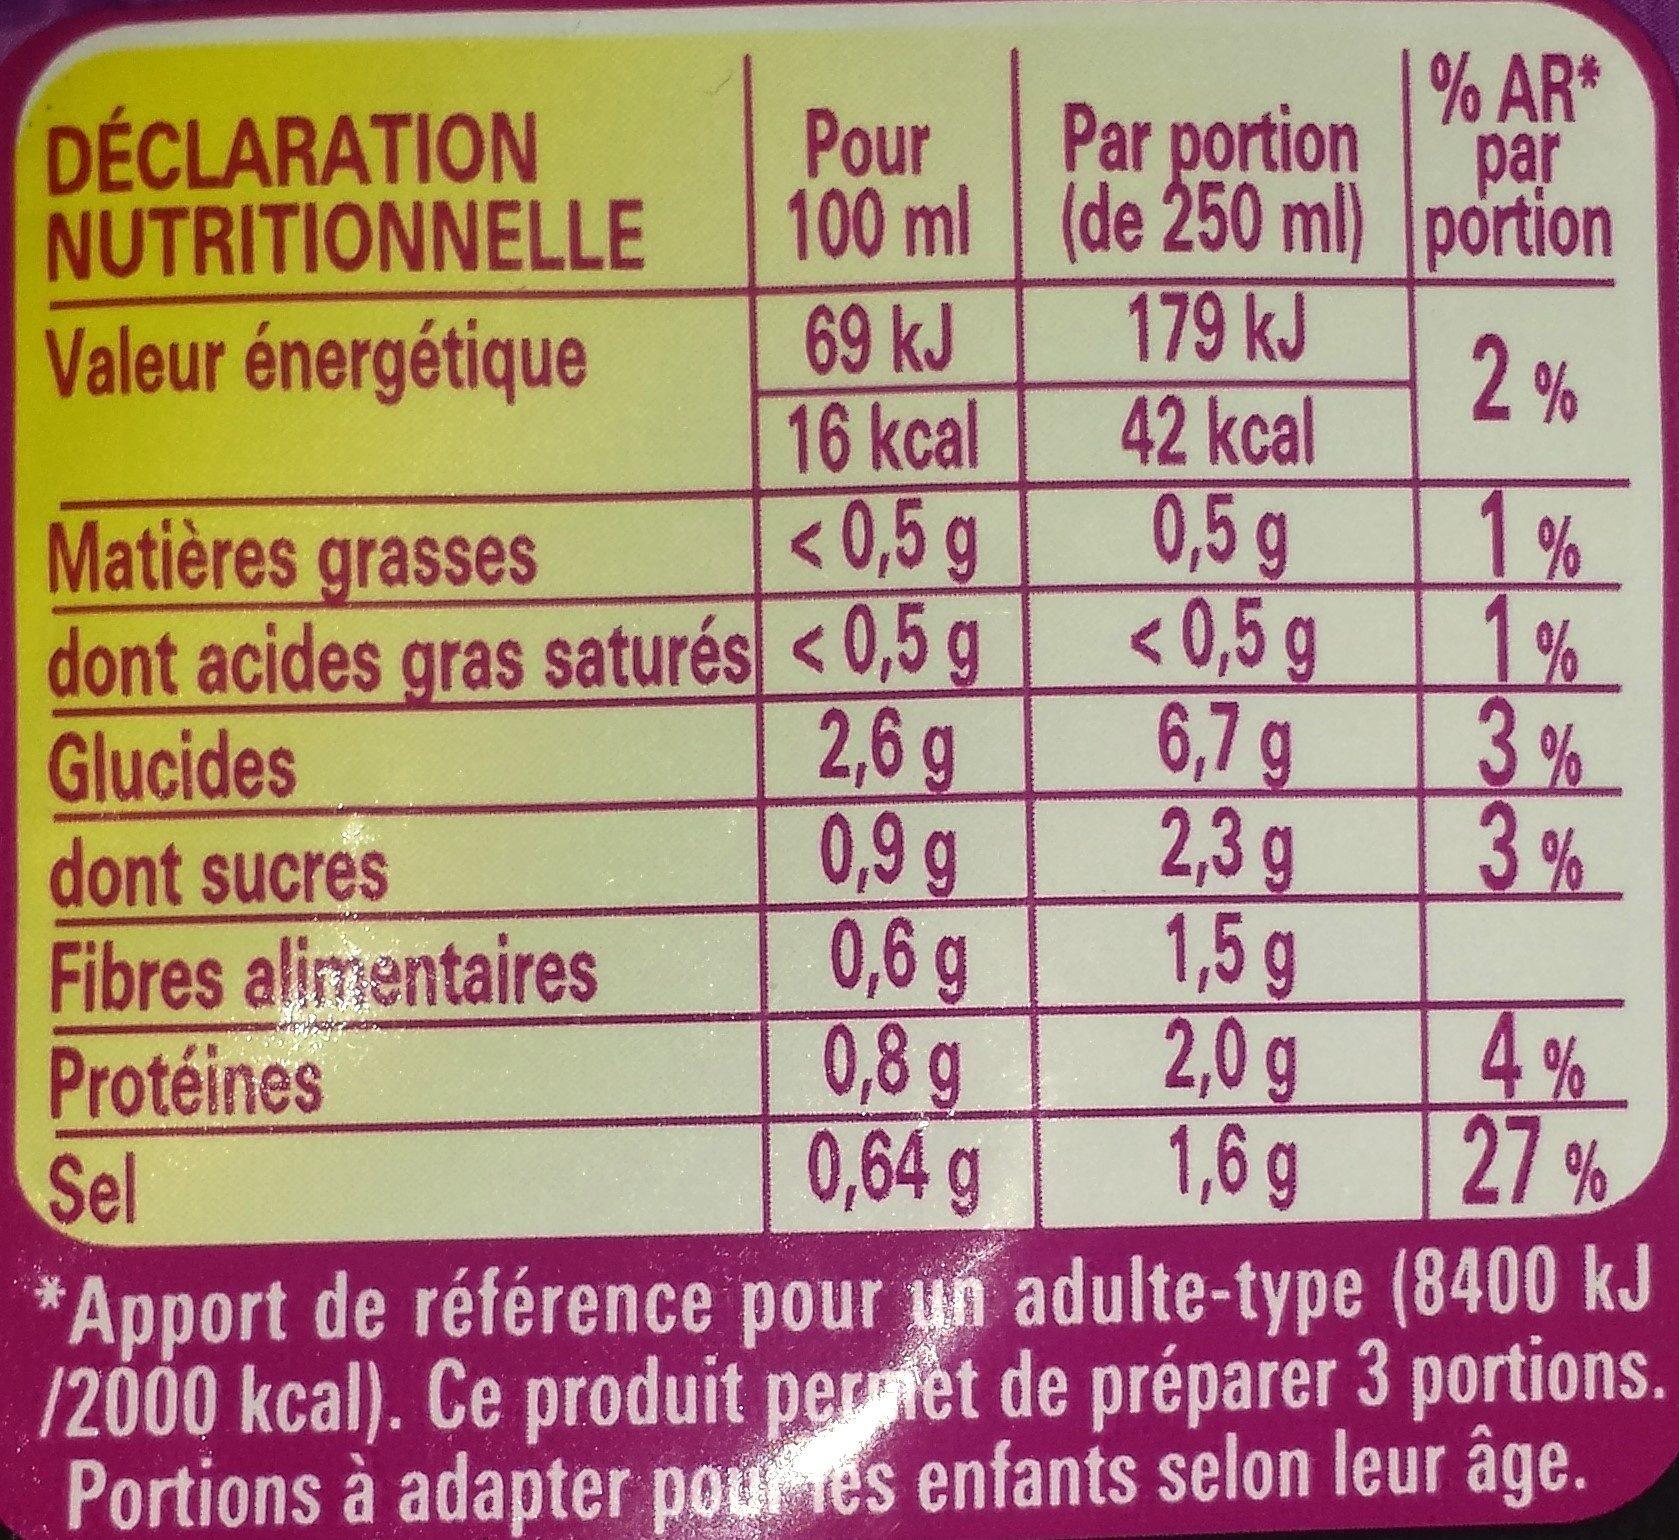 Soupe Vietnamienne (Nouilles, germes de soja, coriandre) - Nutrition facts